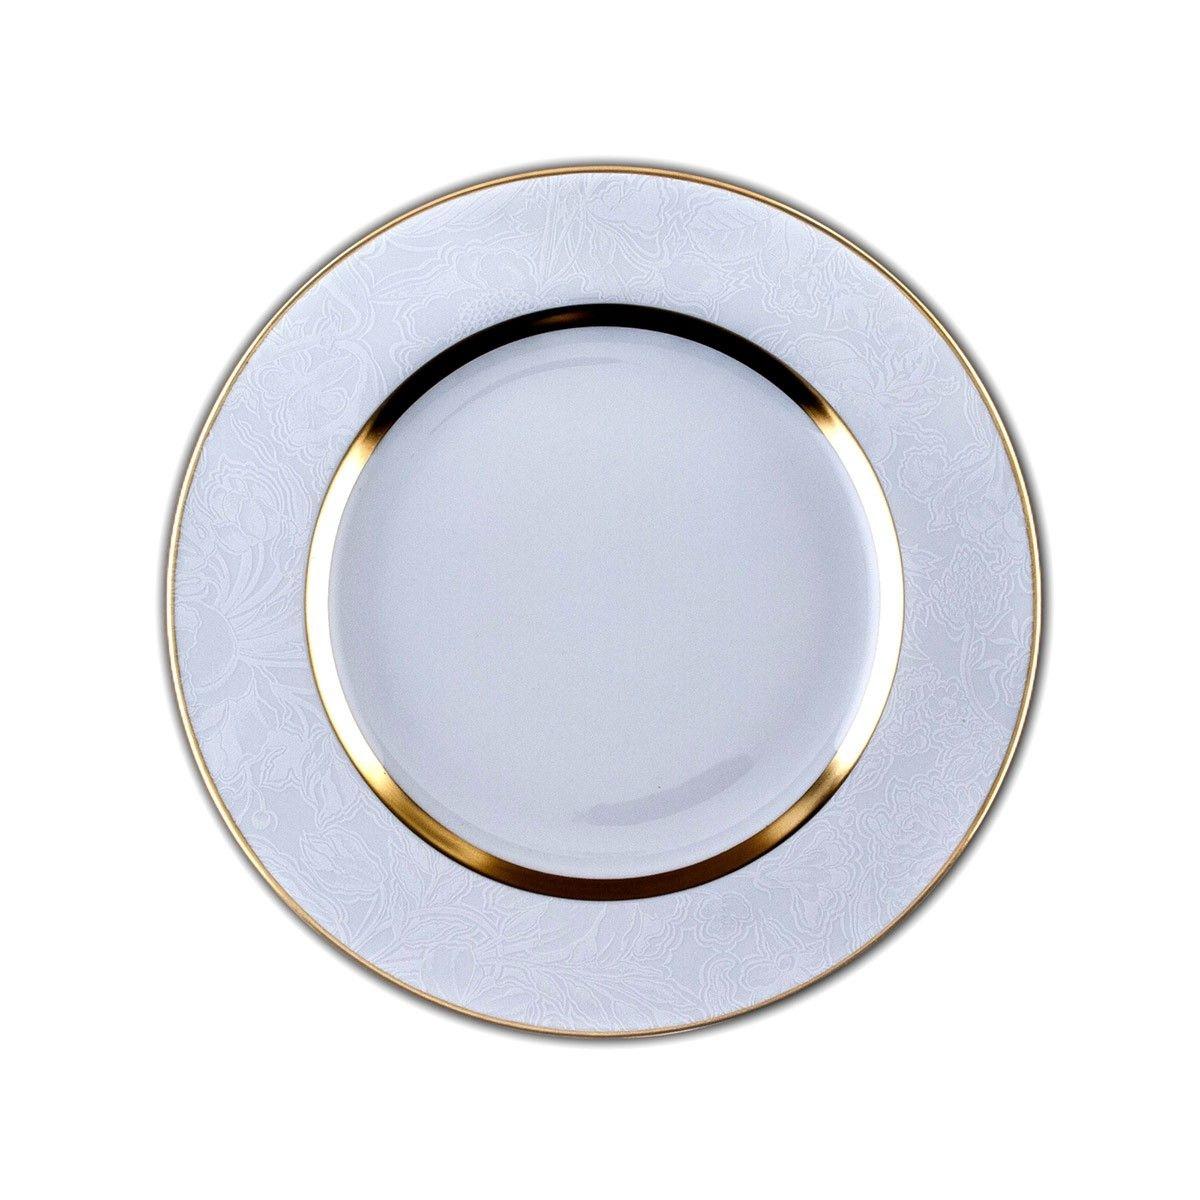 Assiette plate Porcelaine de Limoges décor 26,5 cm SHERRY BLANC